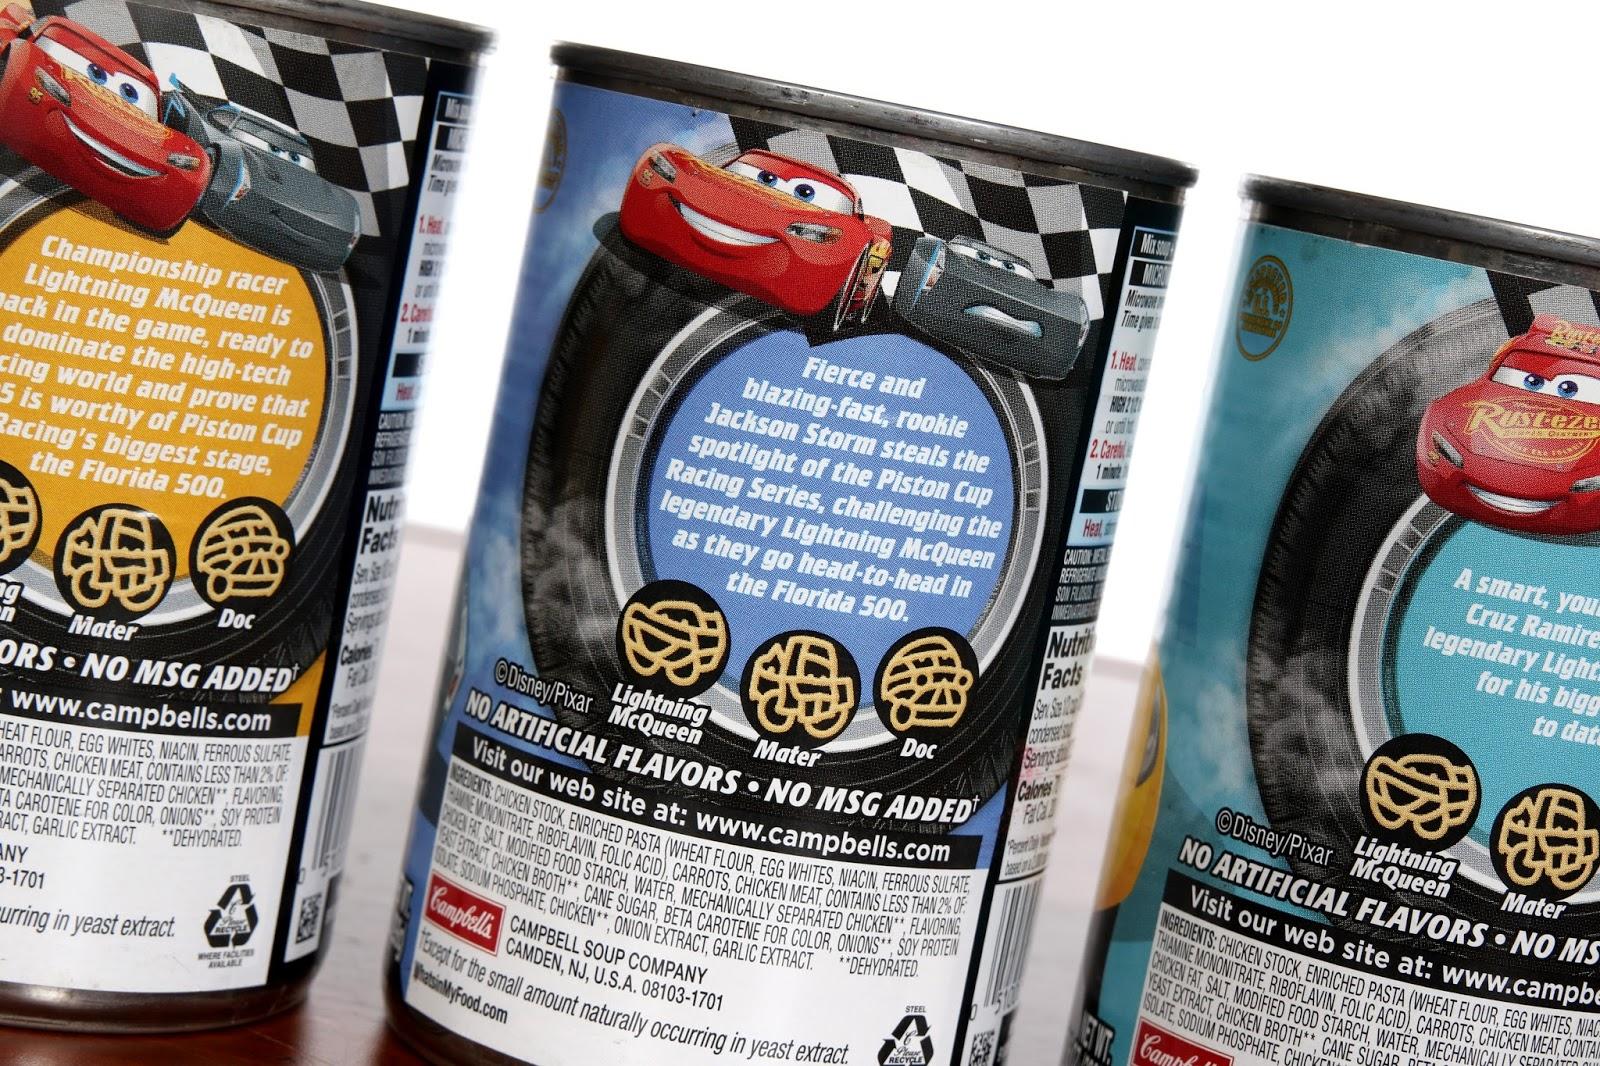 disney pixar Cars 3 campbell's soup